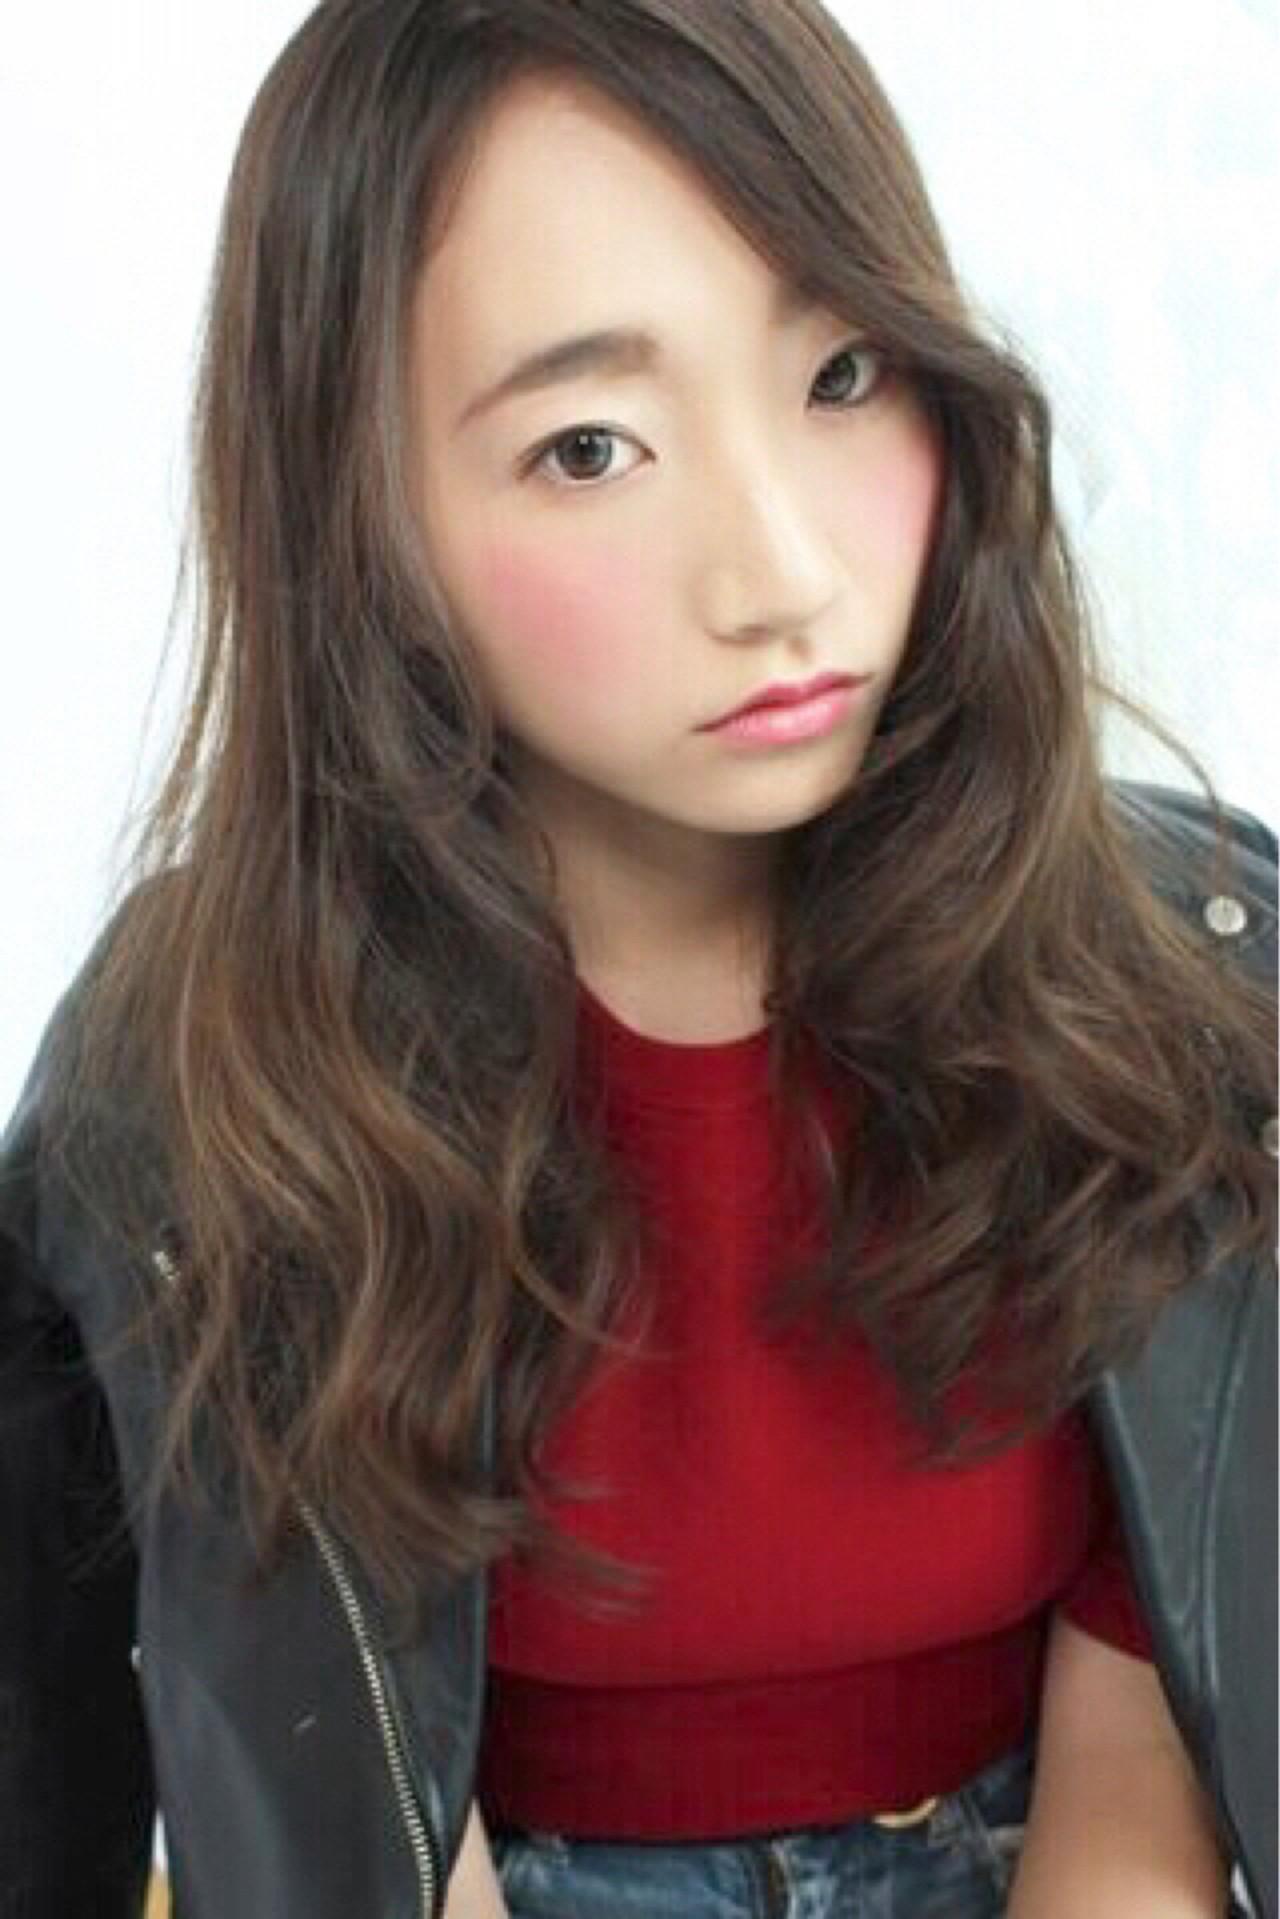 ロング ローライト ハイライト グレージュ ヘアスタイルや髪型の写真・画像 | 茂垣 貴裕 / shiro(新宿)/LOOOKS(中央林間)